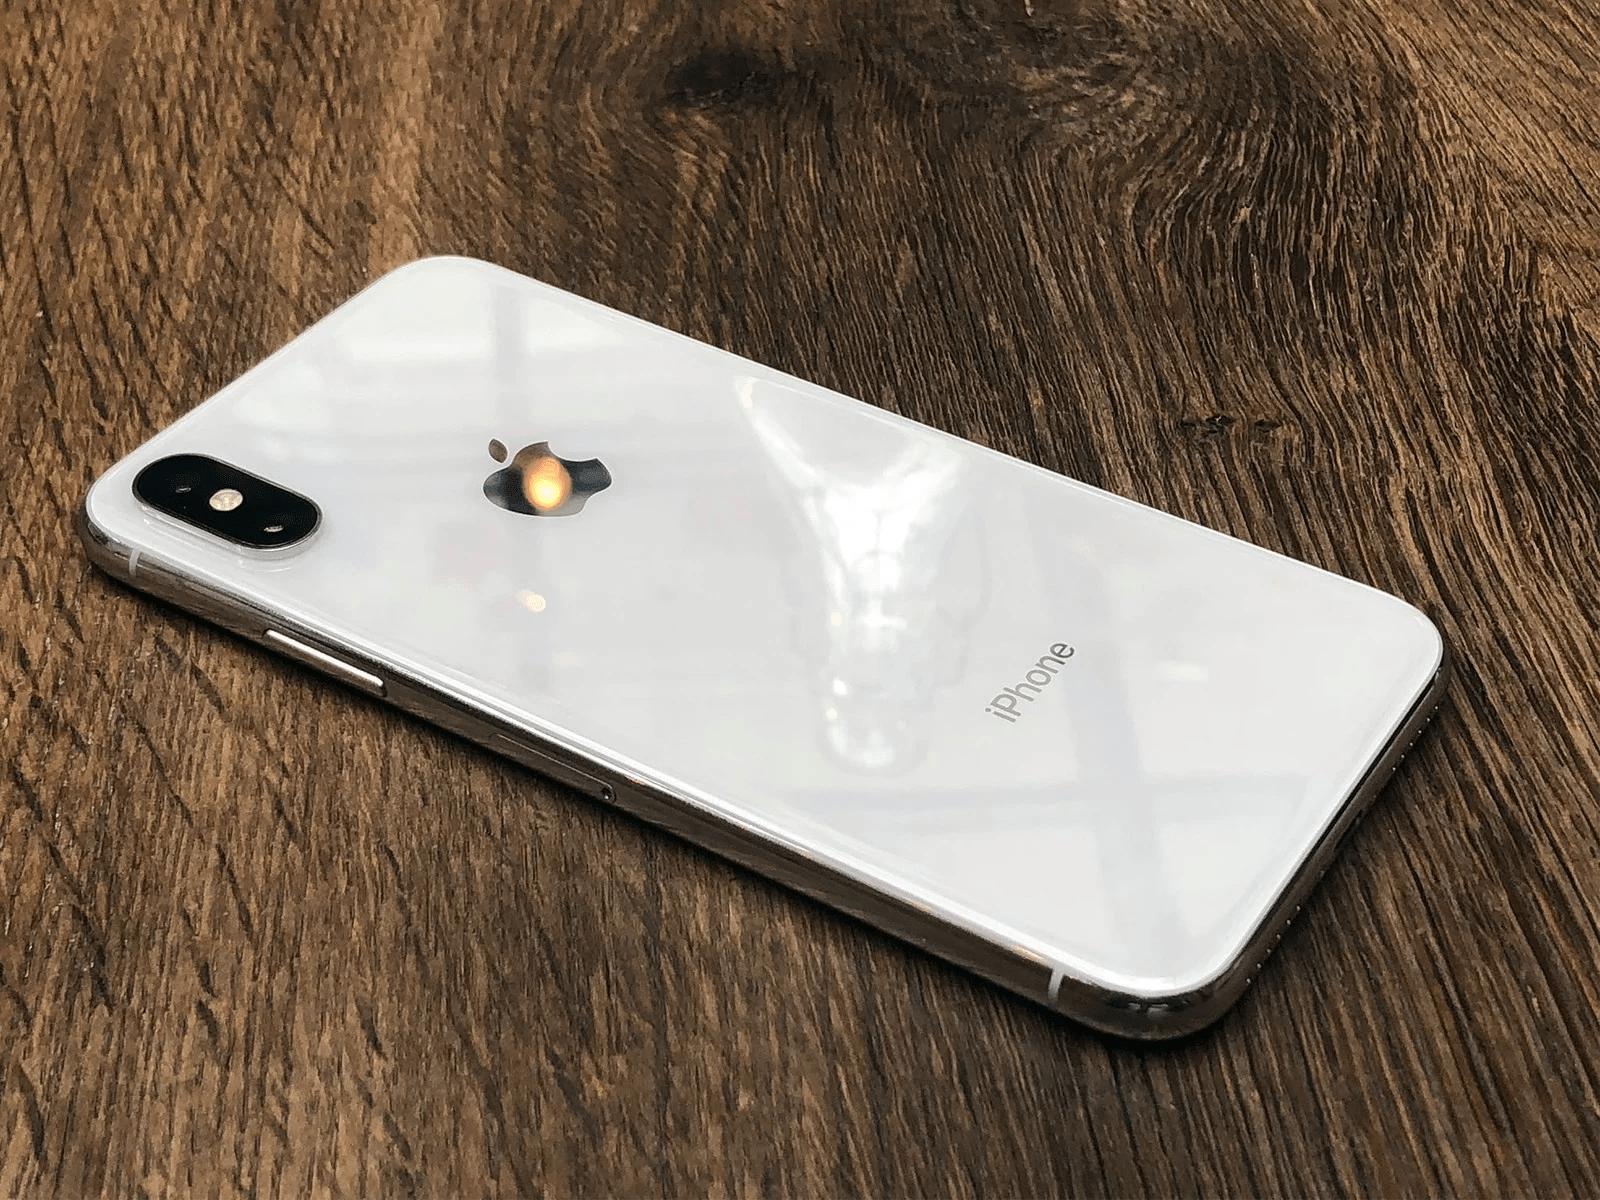 Đặt iPhone úp xuống là cách tiết kiệm pin hiệu quả